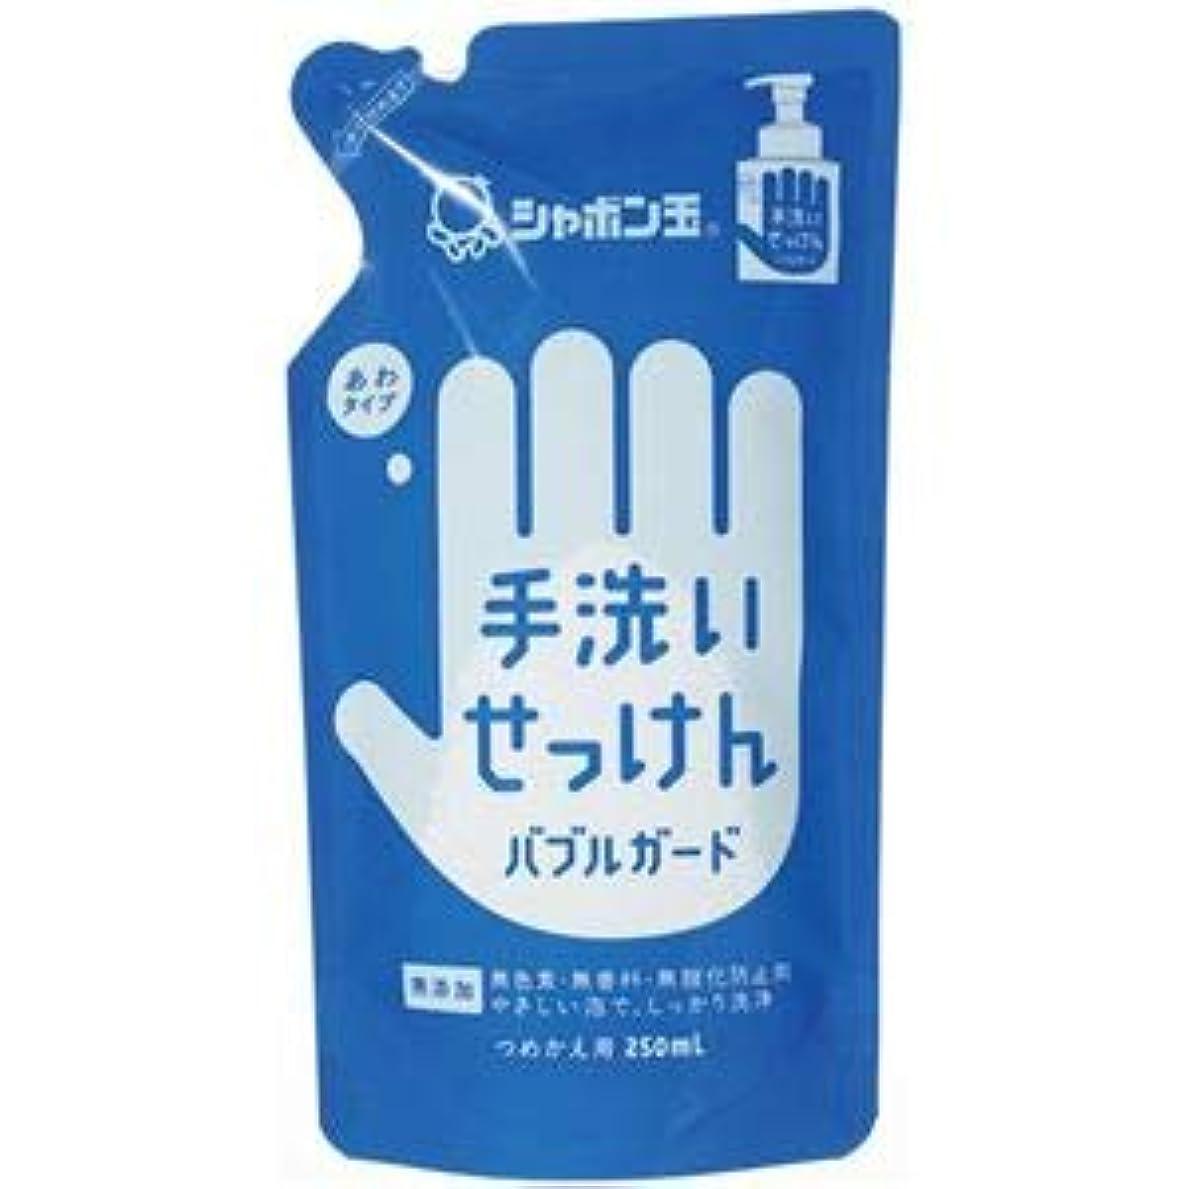 うぬぼれ頬骨クランシー(まとめ) シャボン玉石けん 手洗いせっけんバブルガード詰替用250ml【×10セット】